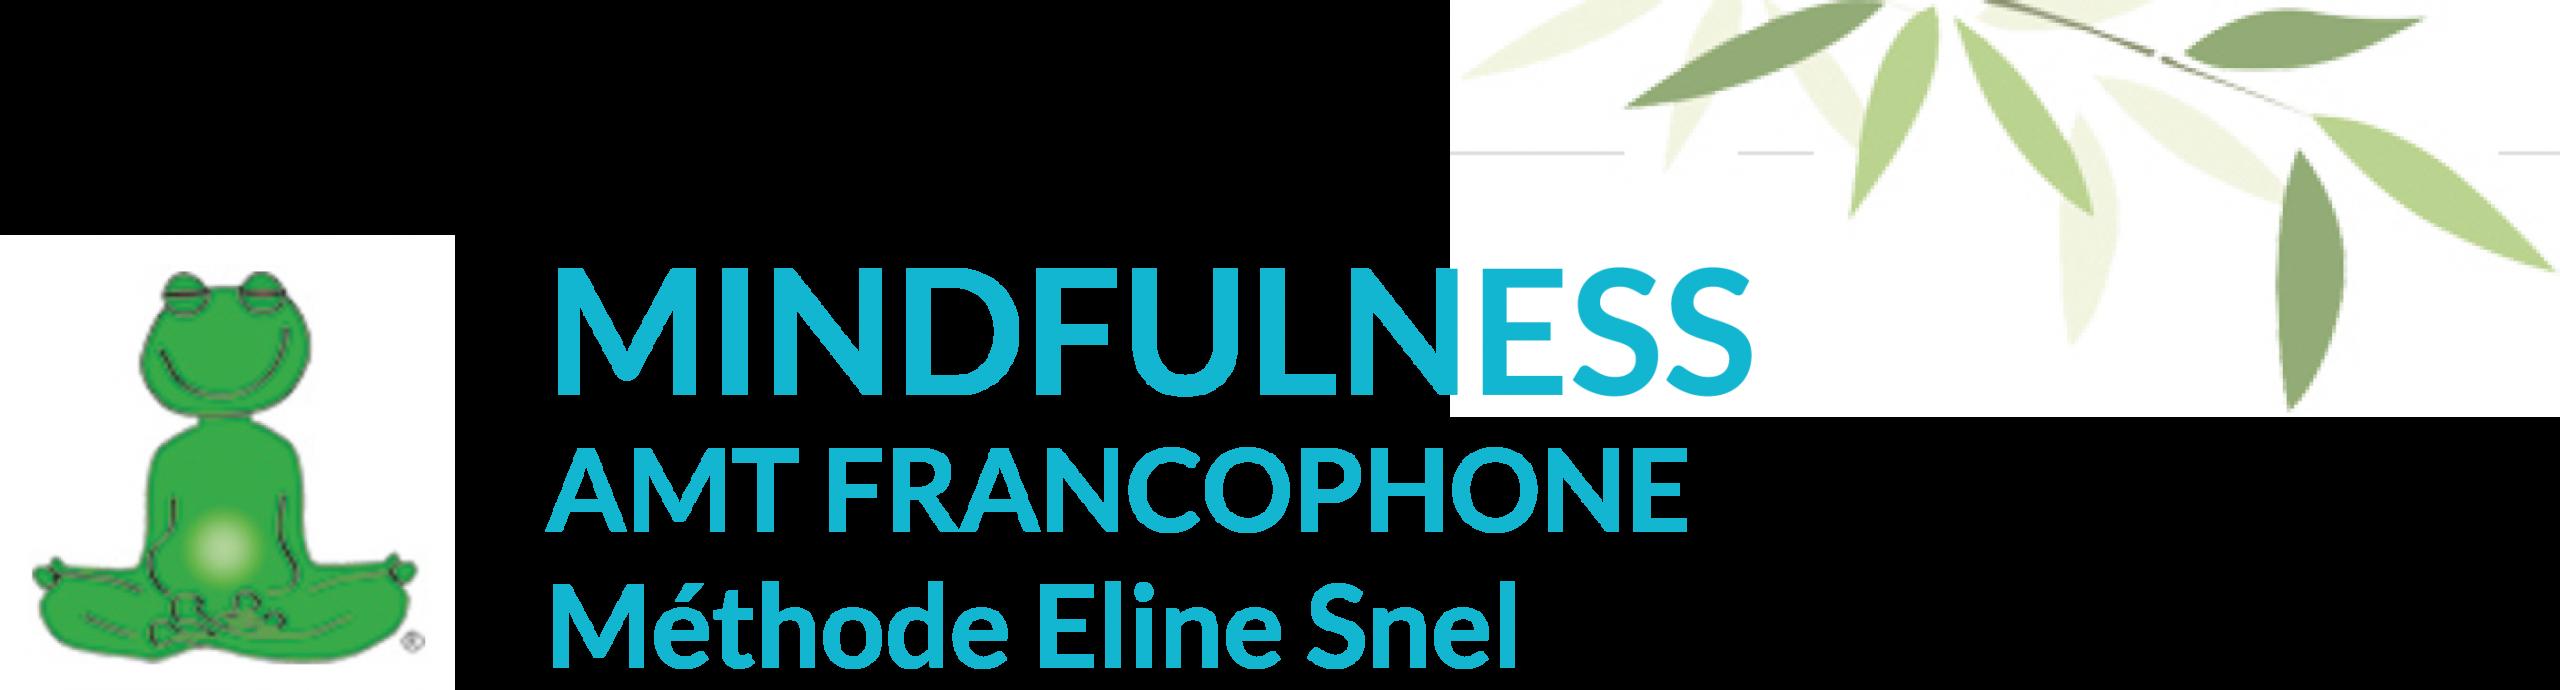 L'AMT FRANCOPHONE